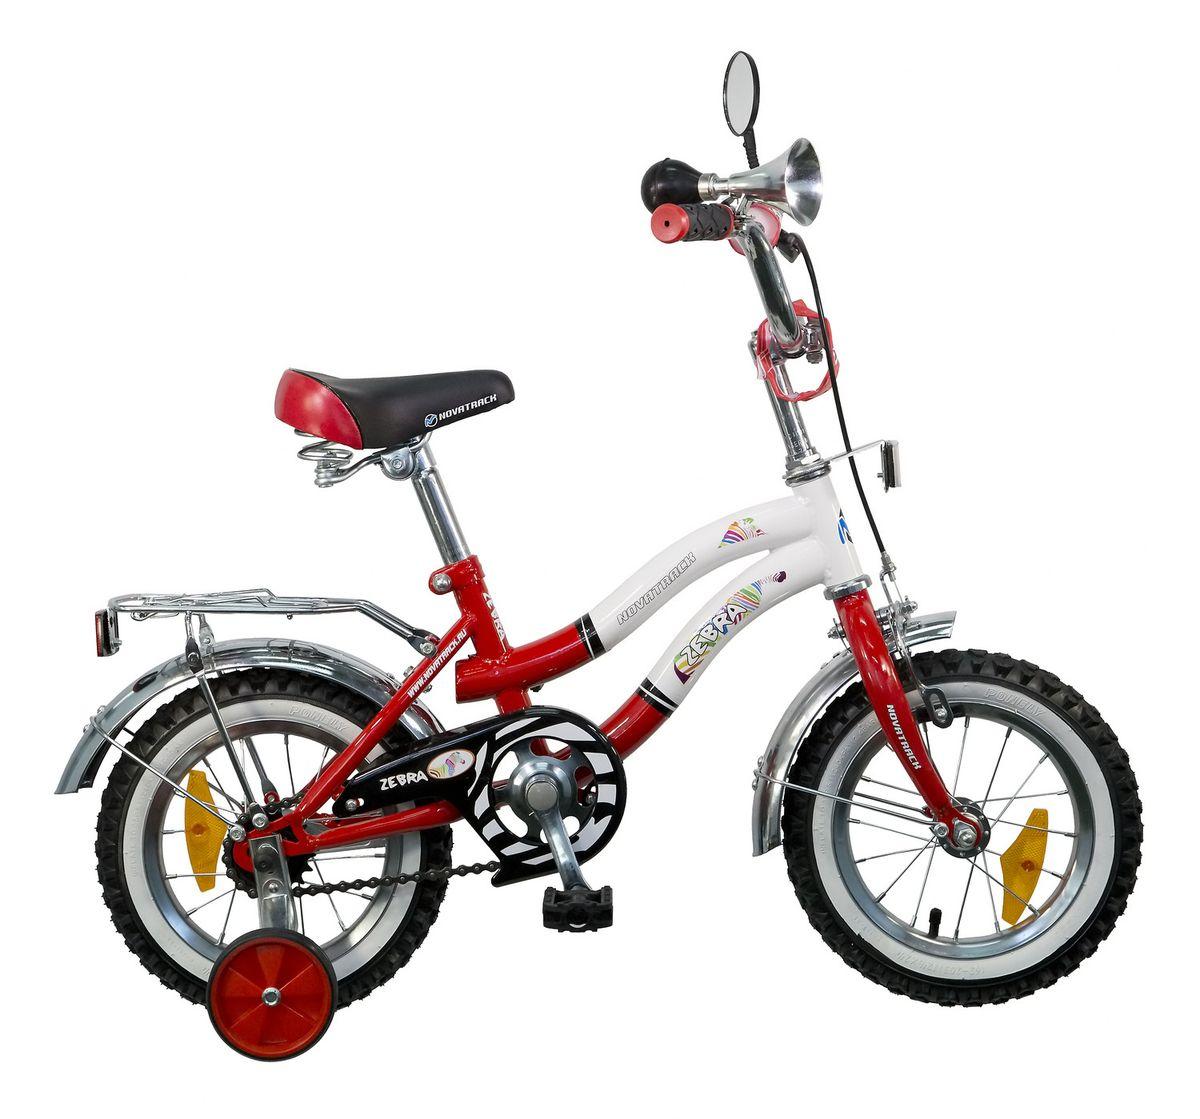 Велосипед детский Novatrack Zebra, цвет: красный, белый, 12125ZEBRA.RD5Novatrack Zebra c 12-дюймовыми колесами - это надежный велосипед для ребят от 2 до 4 лет. Данная модель специально разработана для начинающих велосипедистов: дополнительные колеса, которые можно будет снять, когда ребенок научится держать равновесие, блестящий багажник для перевозки игрушек, надежные ручной и ножной тормоза, защита цепи от попадания одежды в механизм - все это сделает каждую поездку юного велосипедиста комфортной и безопасной. Дополнительно велосипед оснащен ограничителем поворота, который не позволяет ребенку поворачивать руль на очень большой градус, и тем самым предотвращает падение, делая процесс катания еще более безопасным. Маленькому велосипедисту, будь то мальчик или девочка, обязательно понравятся блестящий звонкий гудок и зеркальце заднего вида, которые установлены на руле велосипеда. Высота сидения и руля регулируются, поэтому велосипед прослужит малышу не один год.